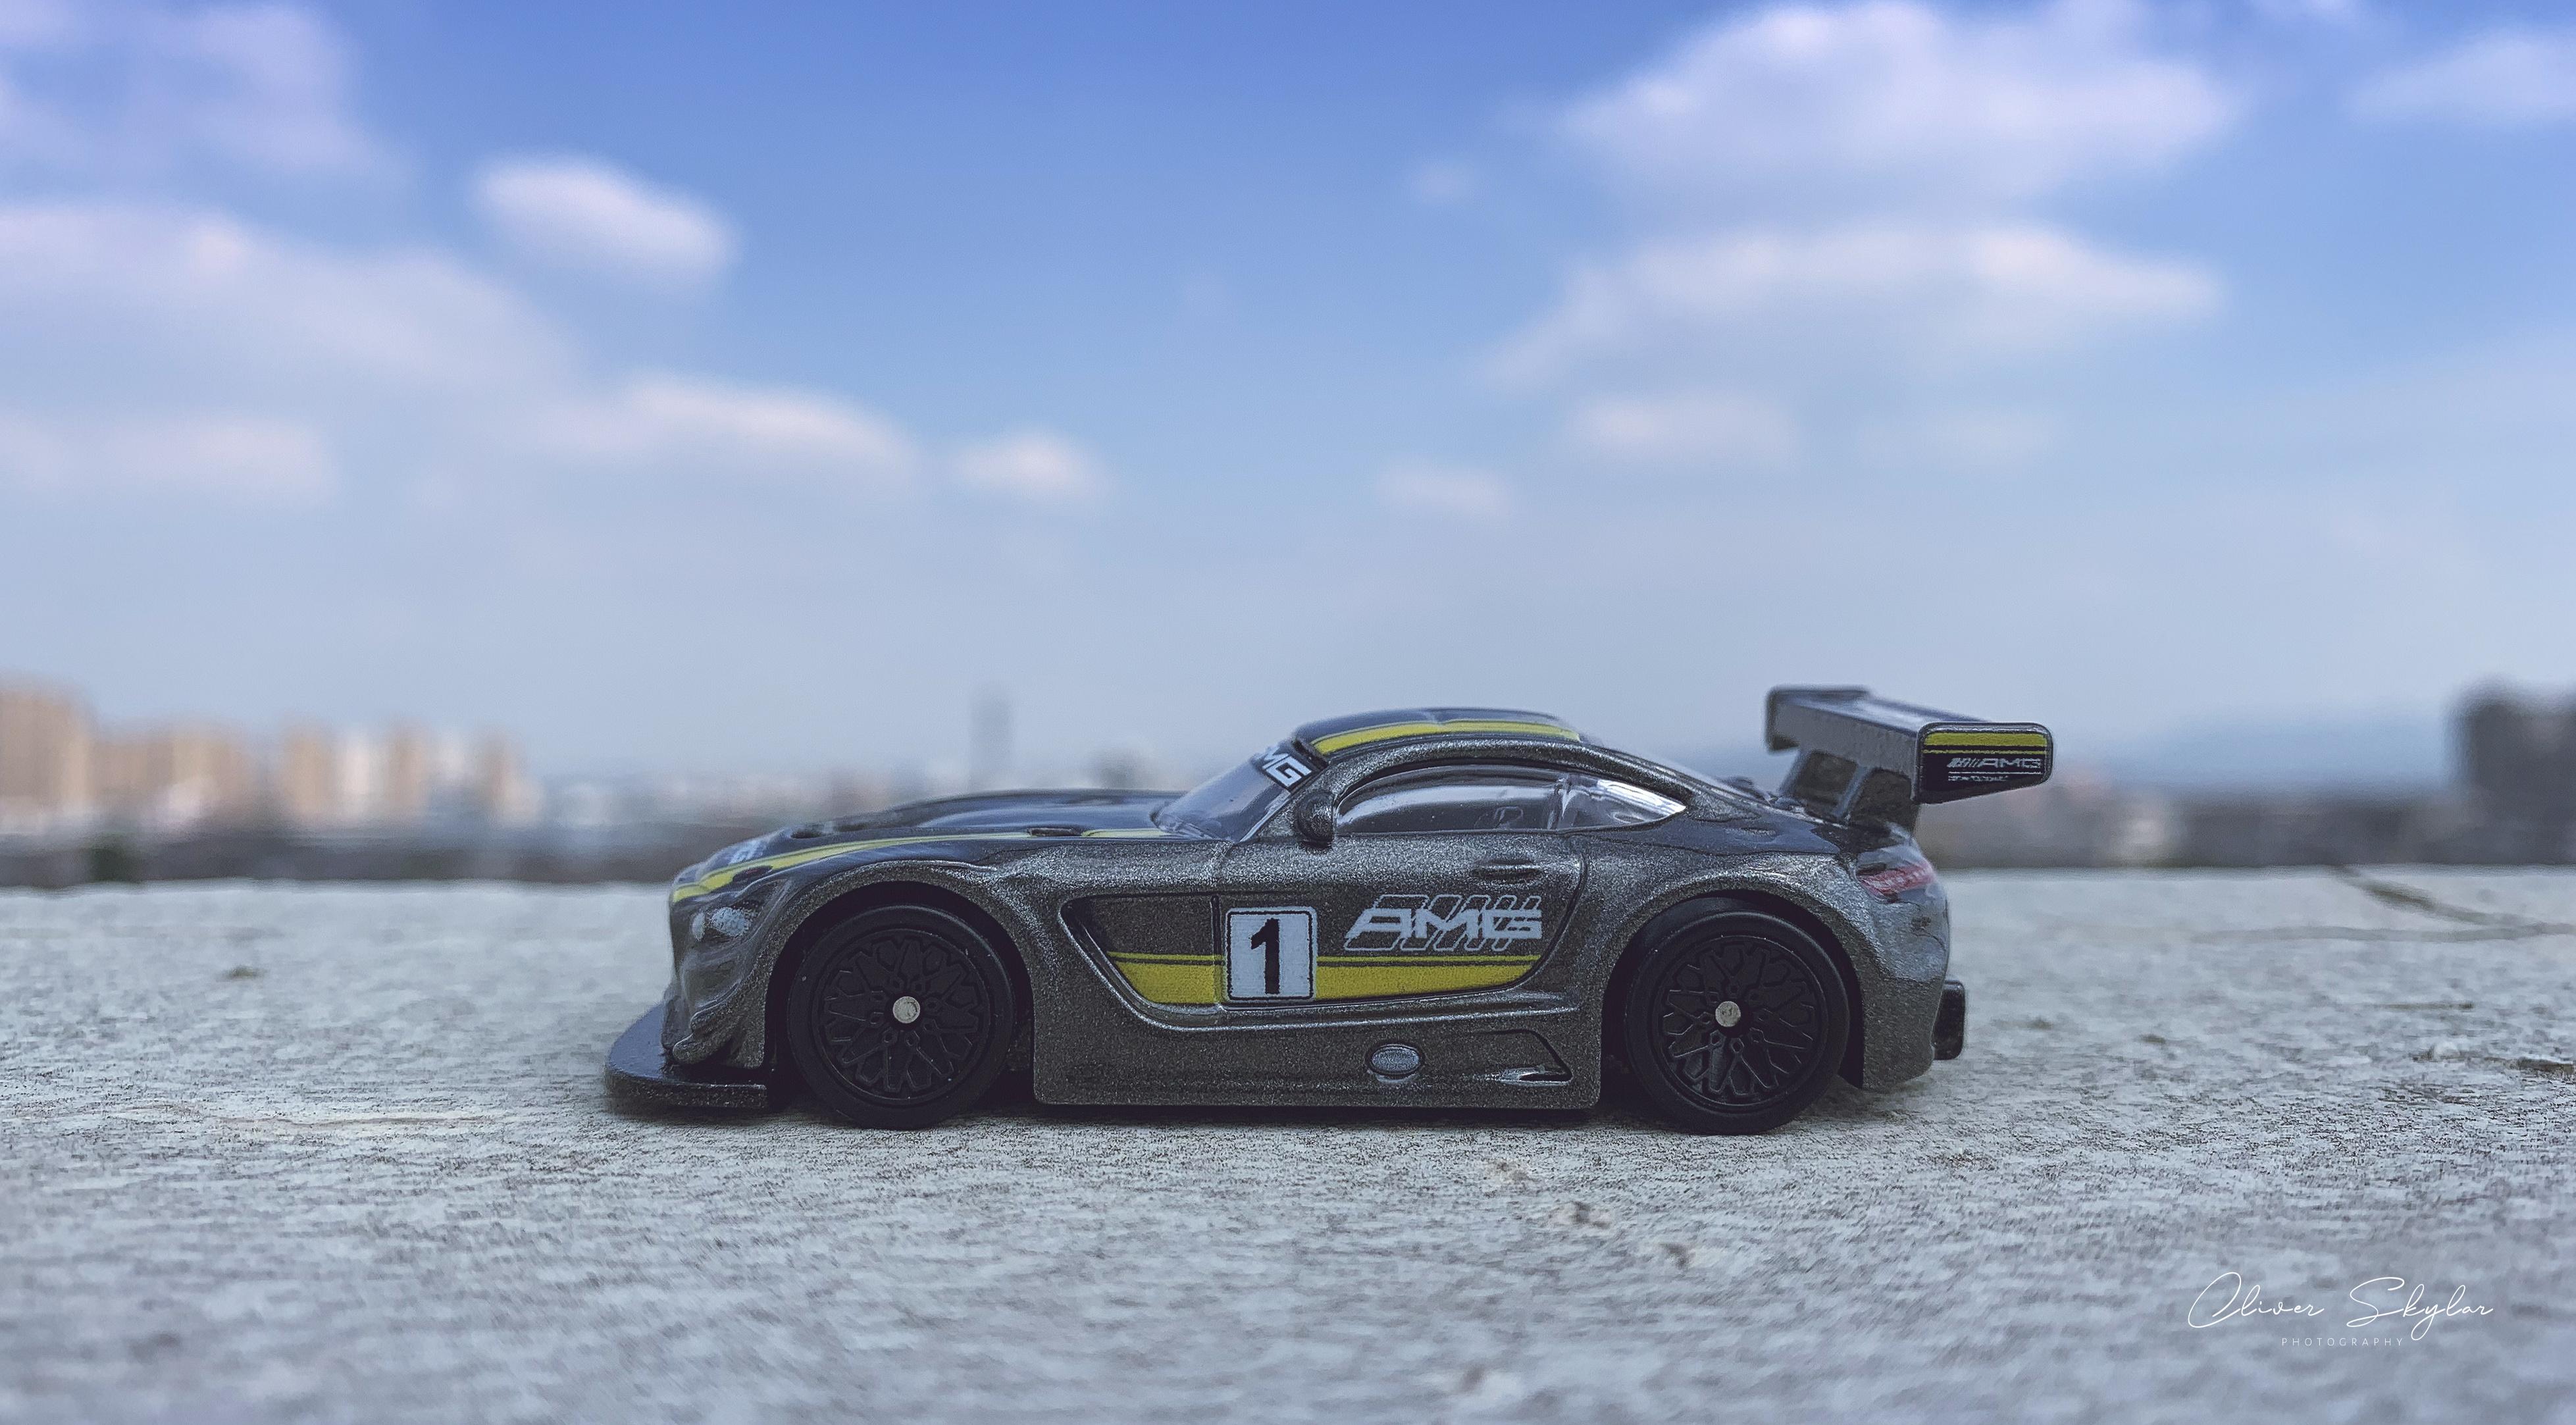 General 3914x2165 hotwheels Mercedes-AMG GT car toys